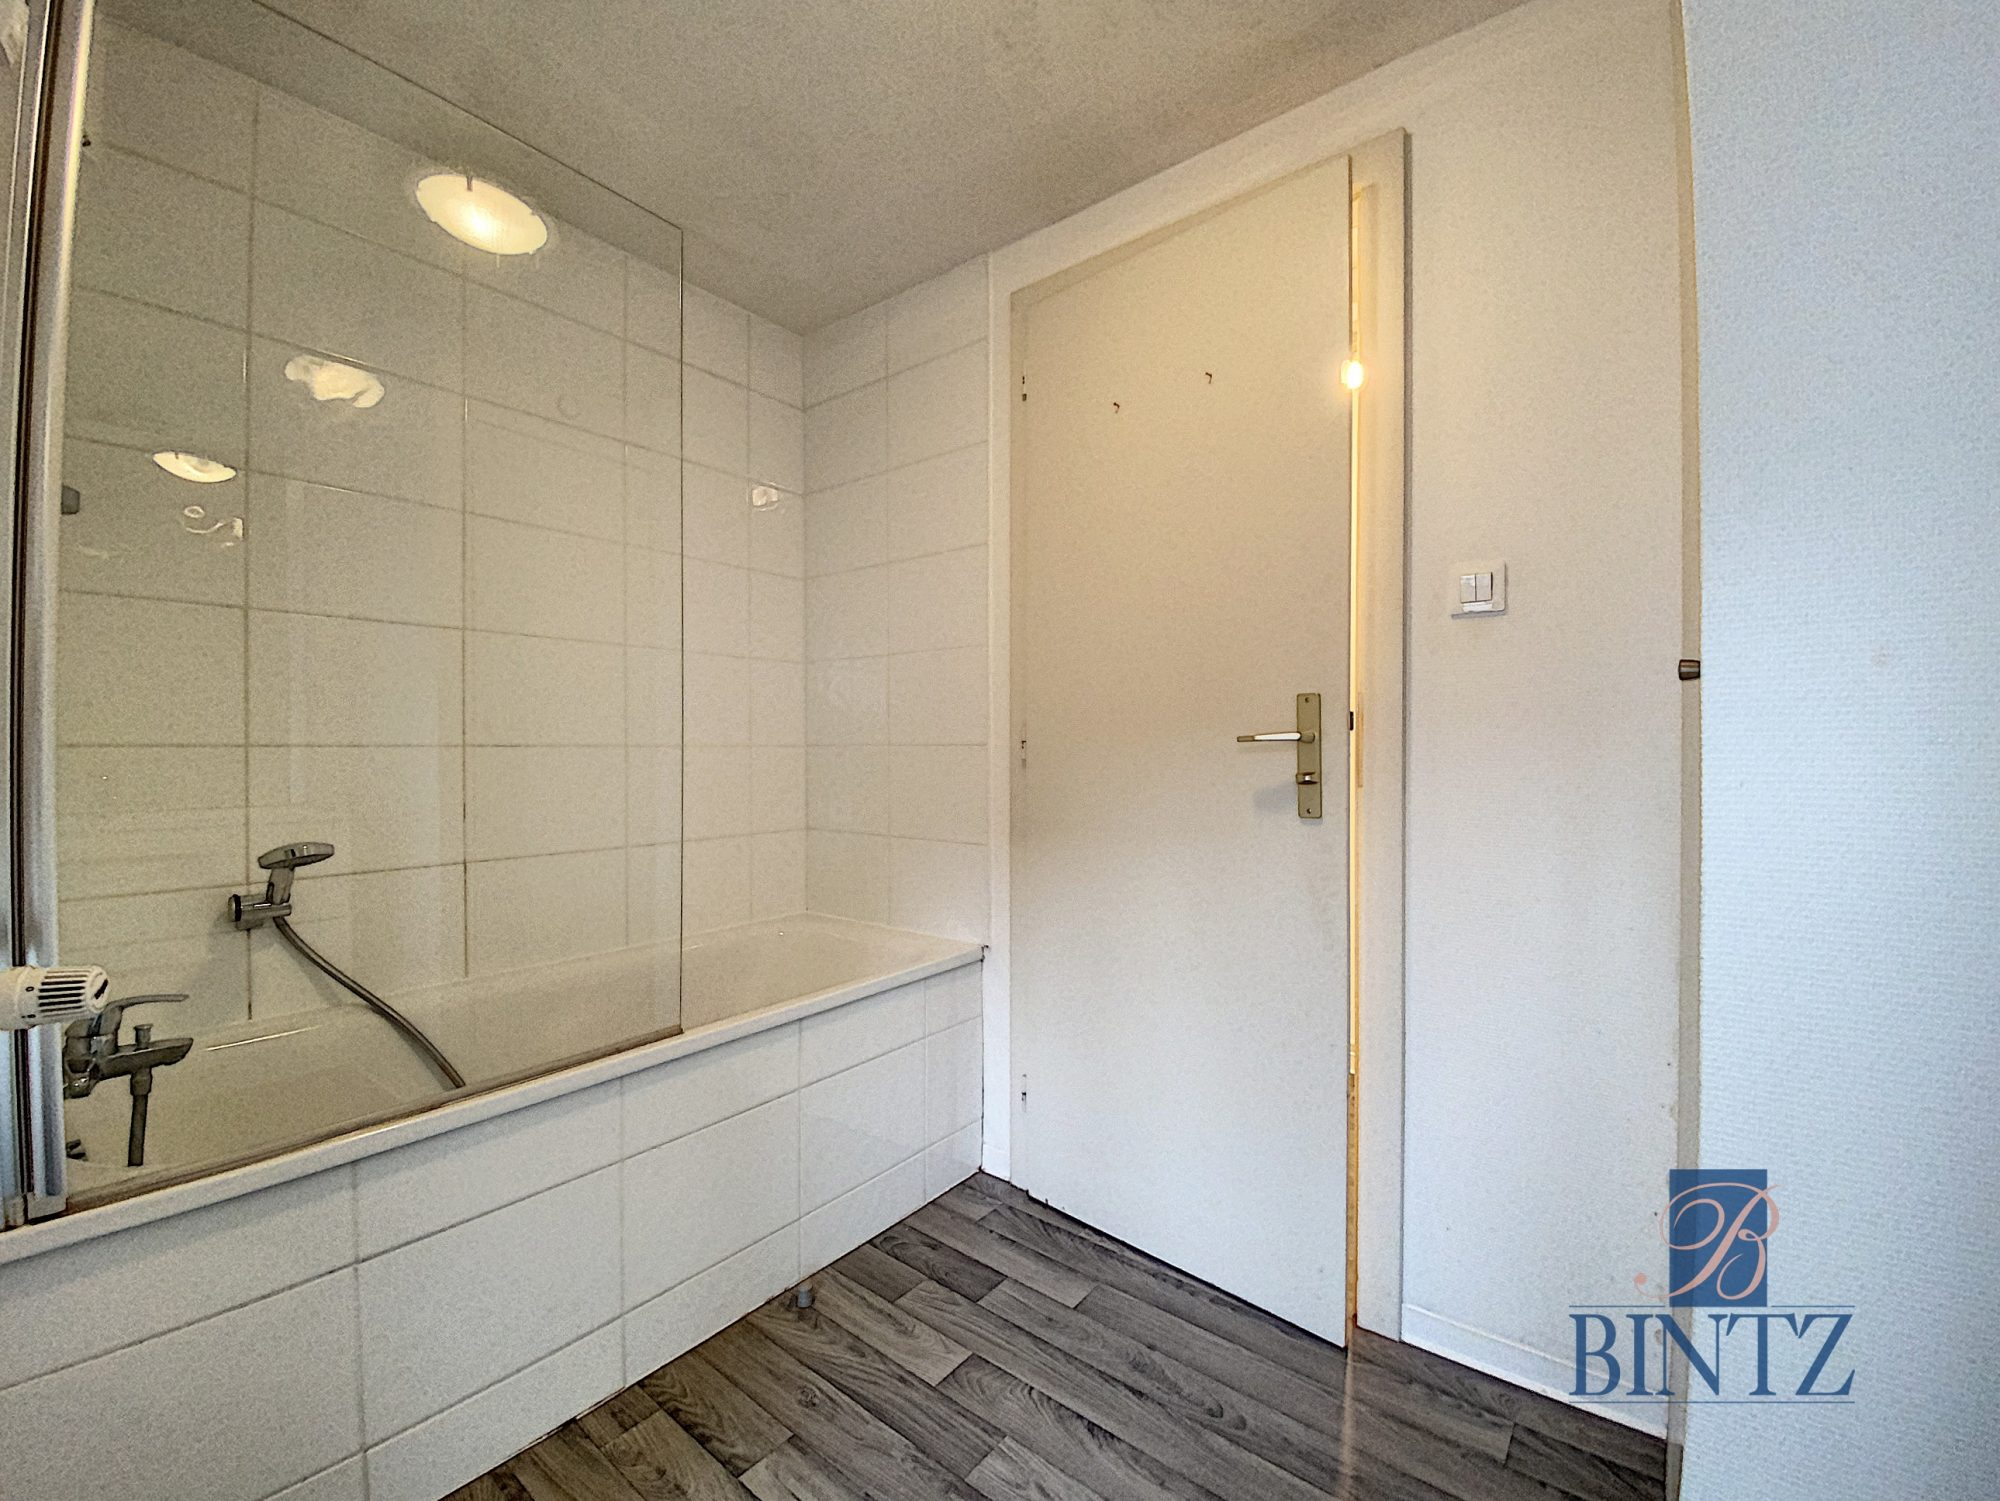 3 PIÈCES HYPERCENTRE - Devenez locataire en toute sérénité - Bintz Immobilier - 19